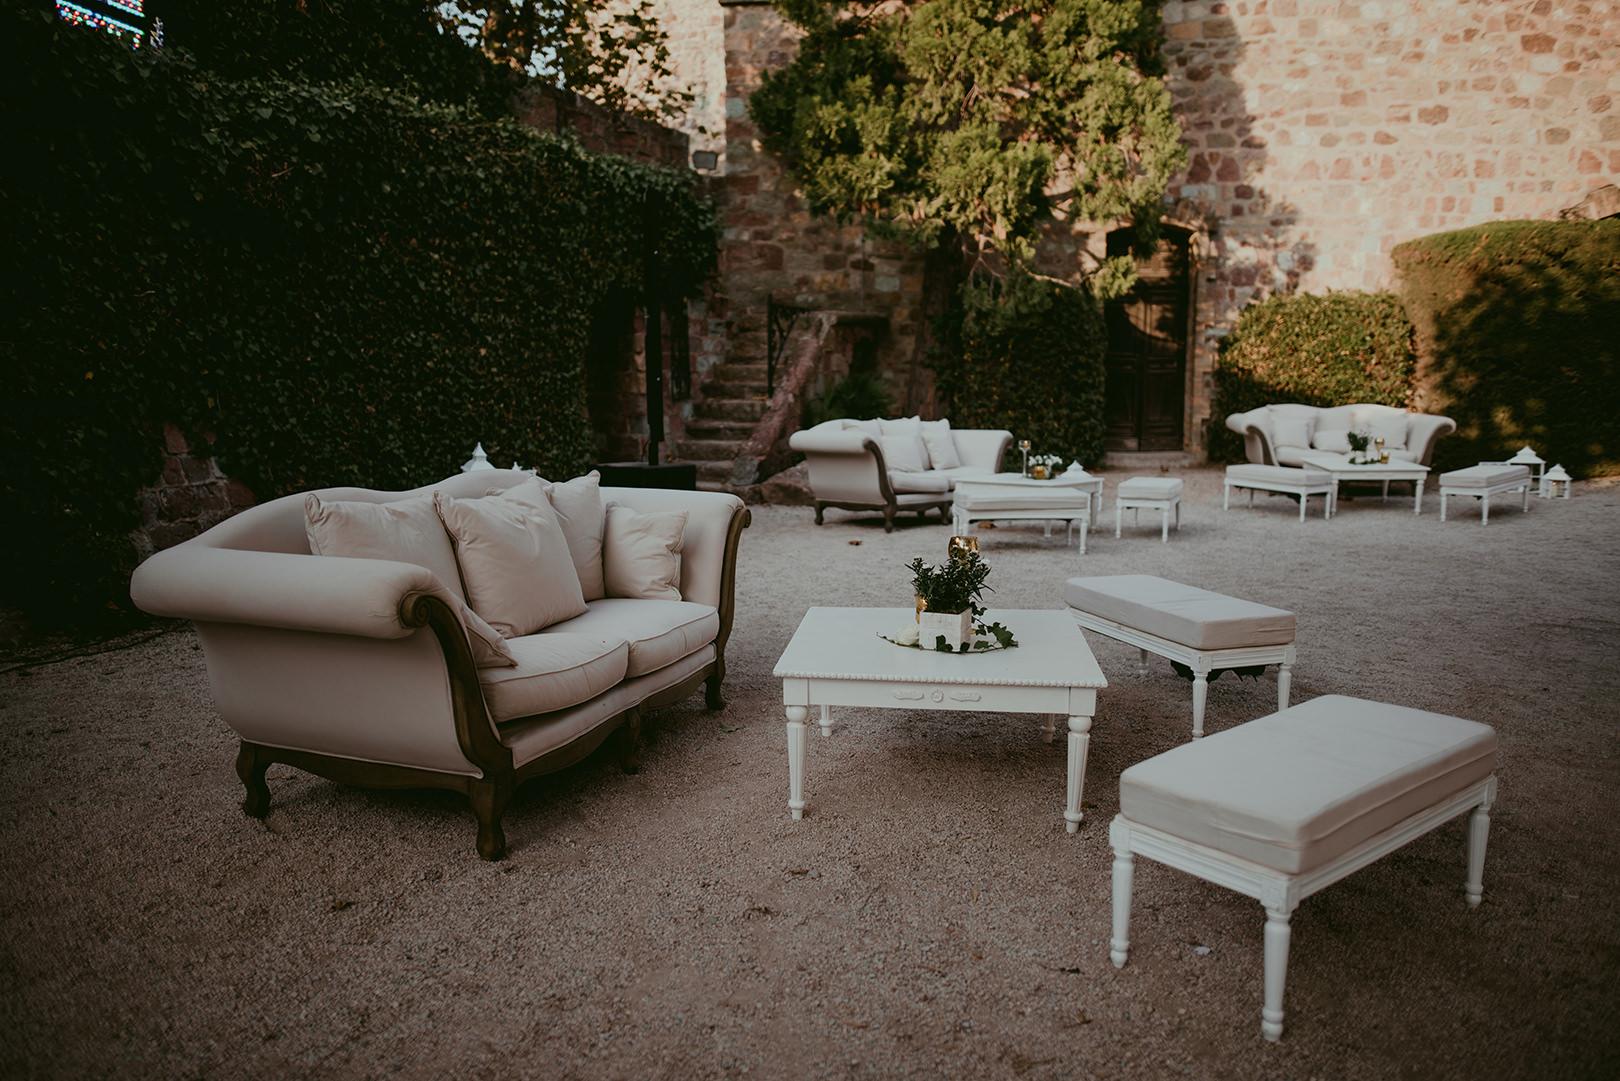 Best wedding setup at Chateau de la Napoule